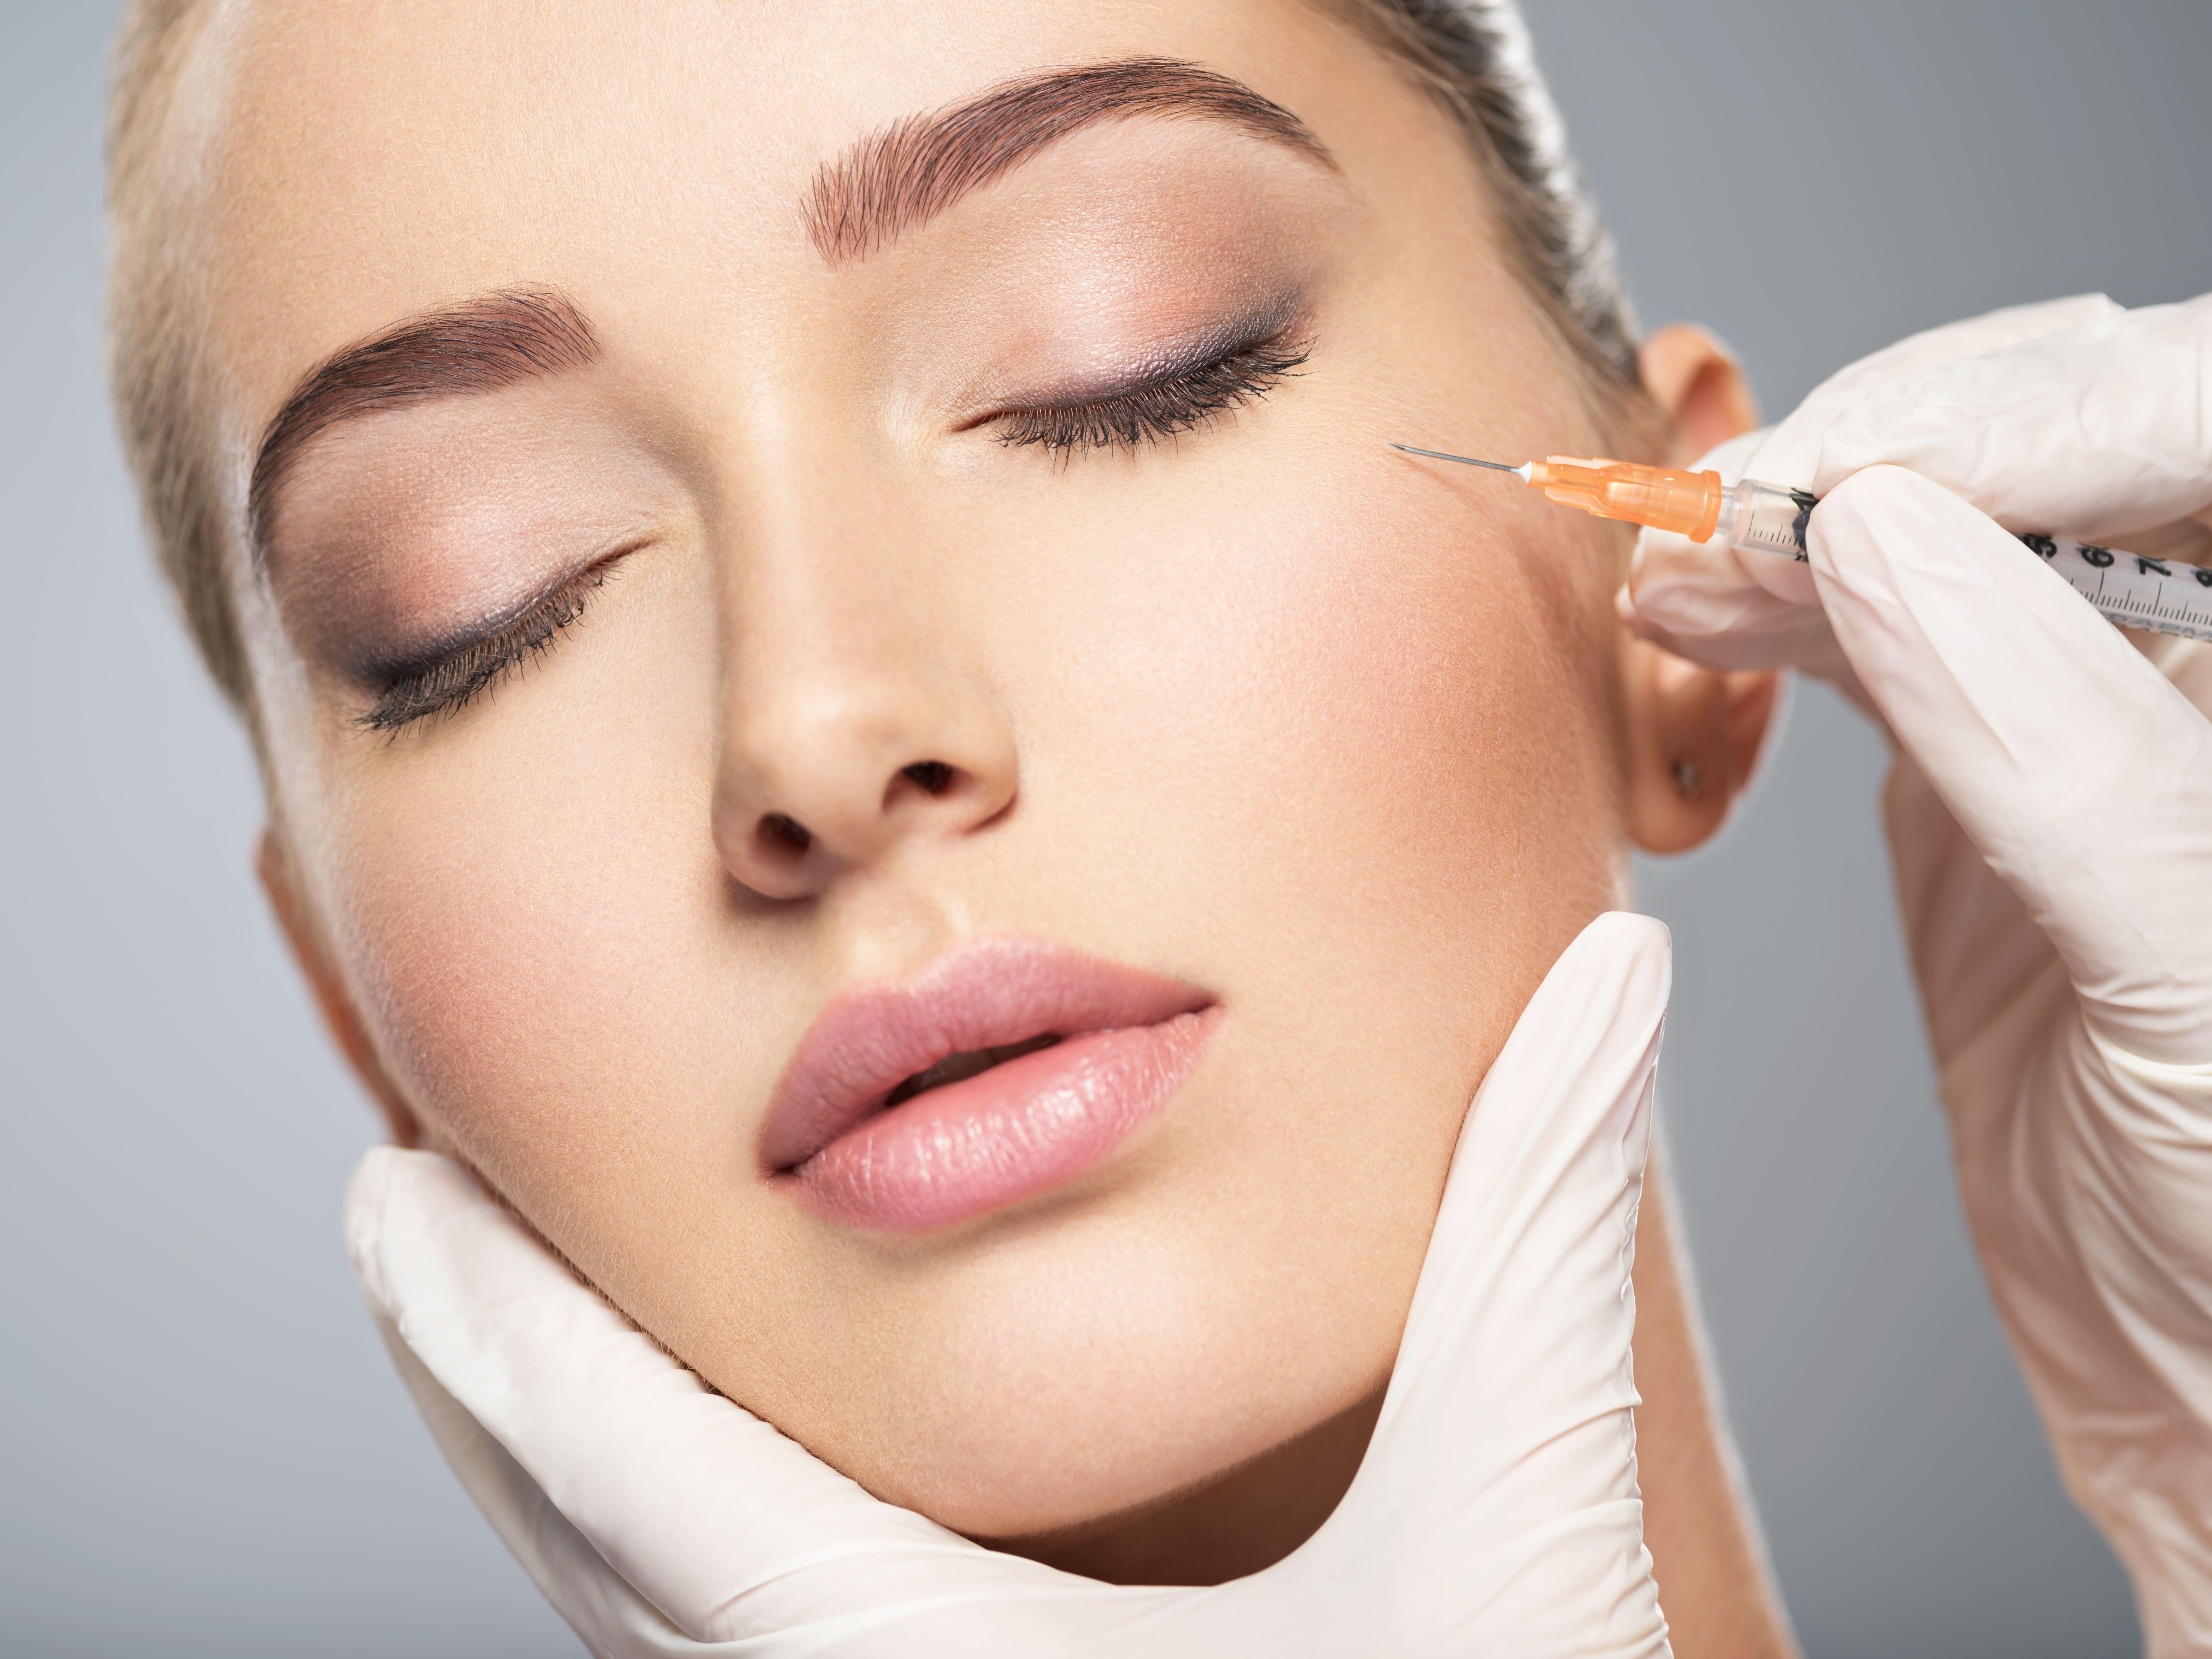 Тренд на биорепарацию в косметологии: что это и почему он появился